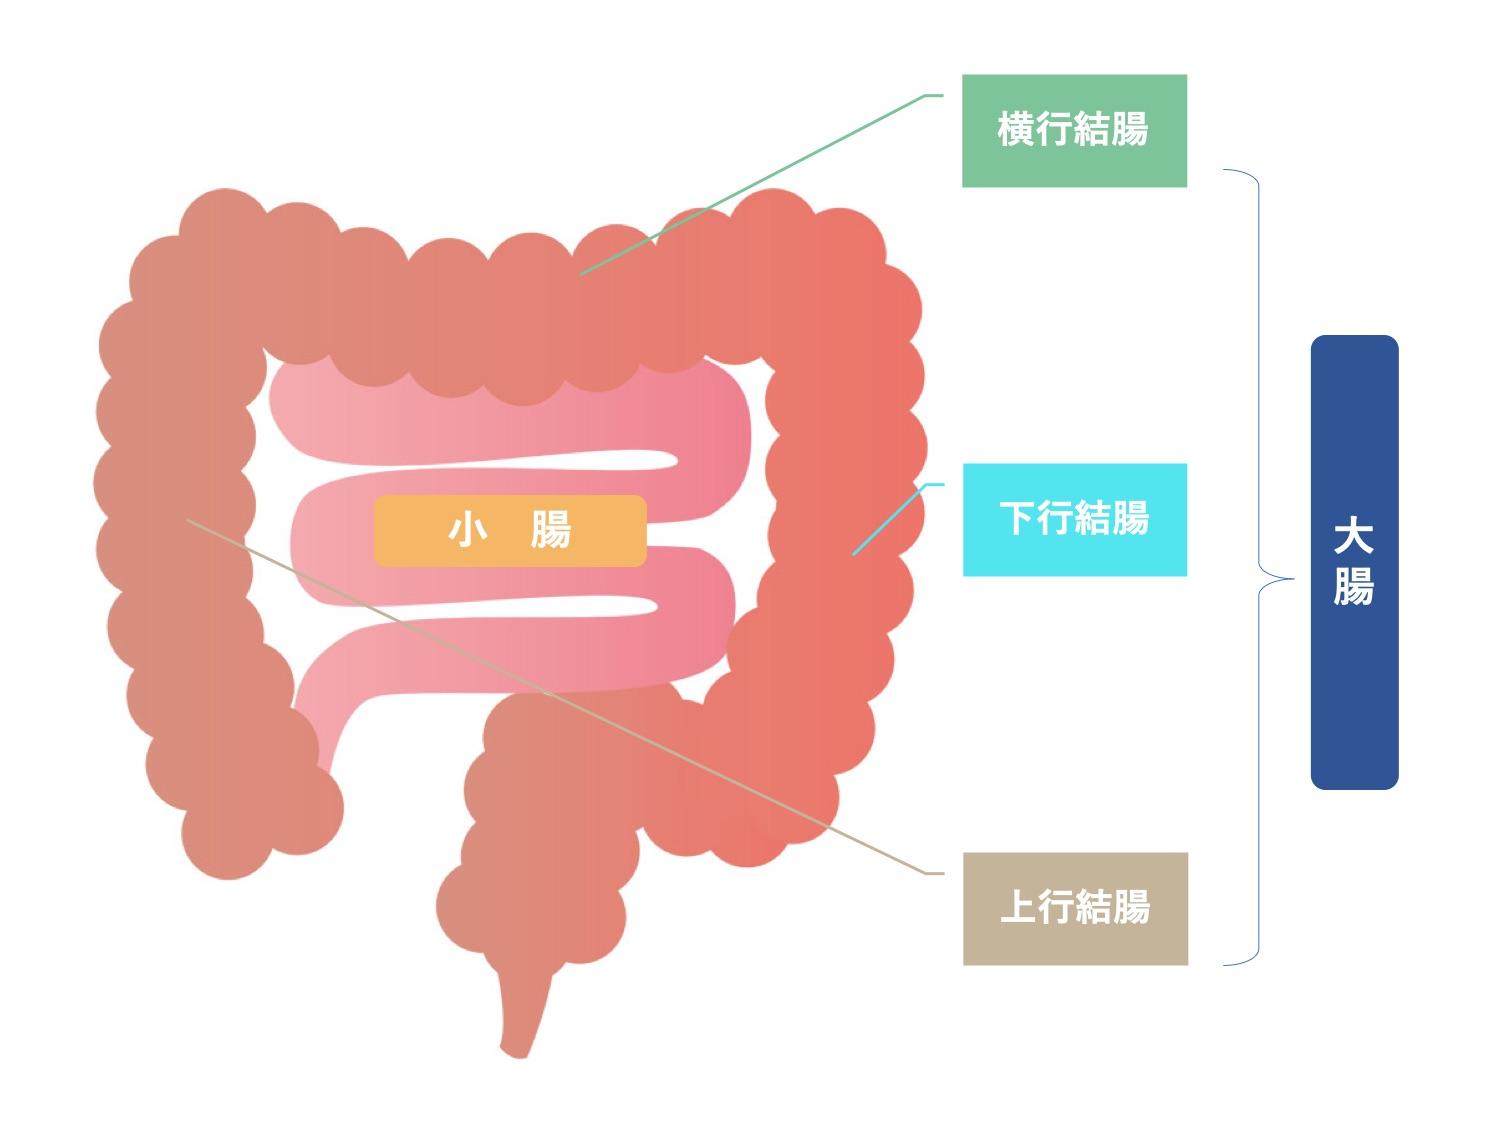 腸の位置を説明する画像